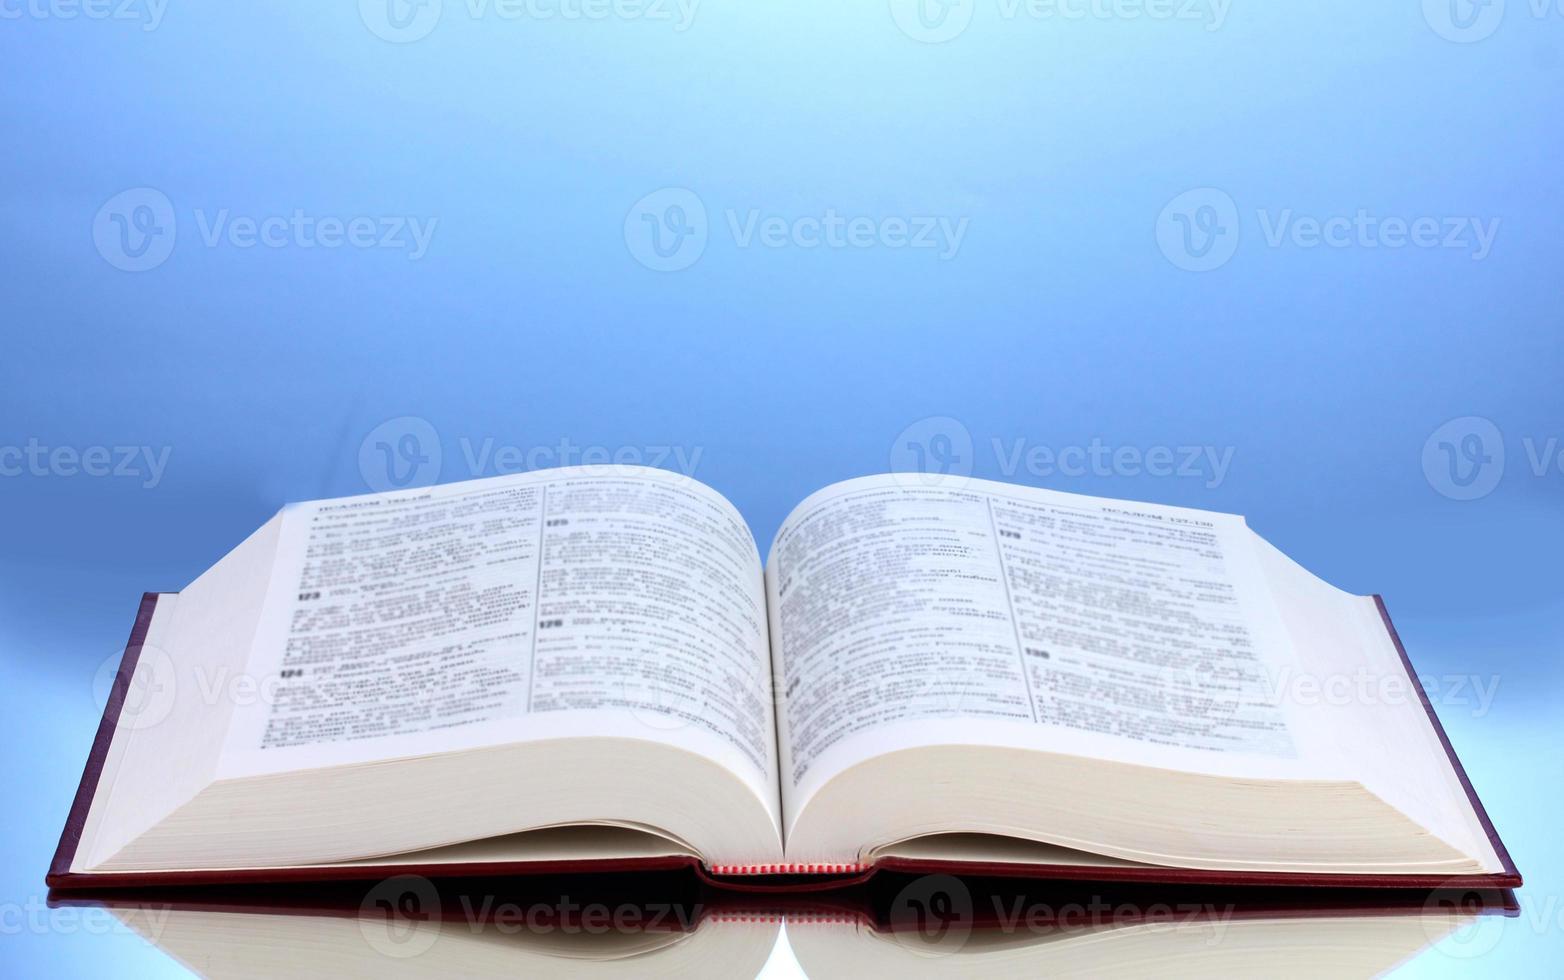 open boek over reflecterend oppervlak van tabel op blauwe achtergrond foto